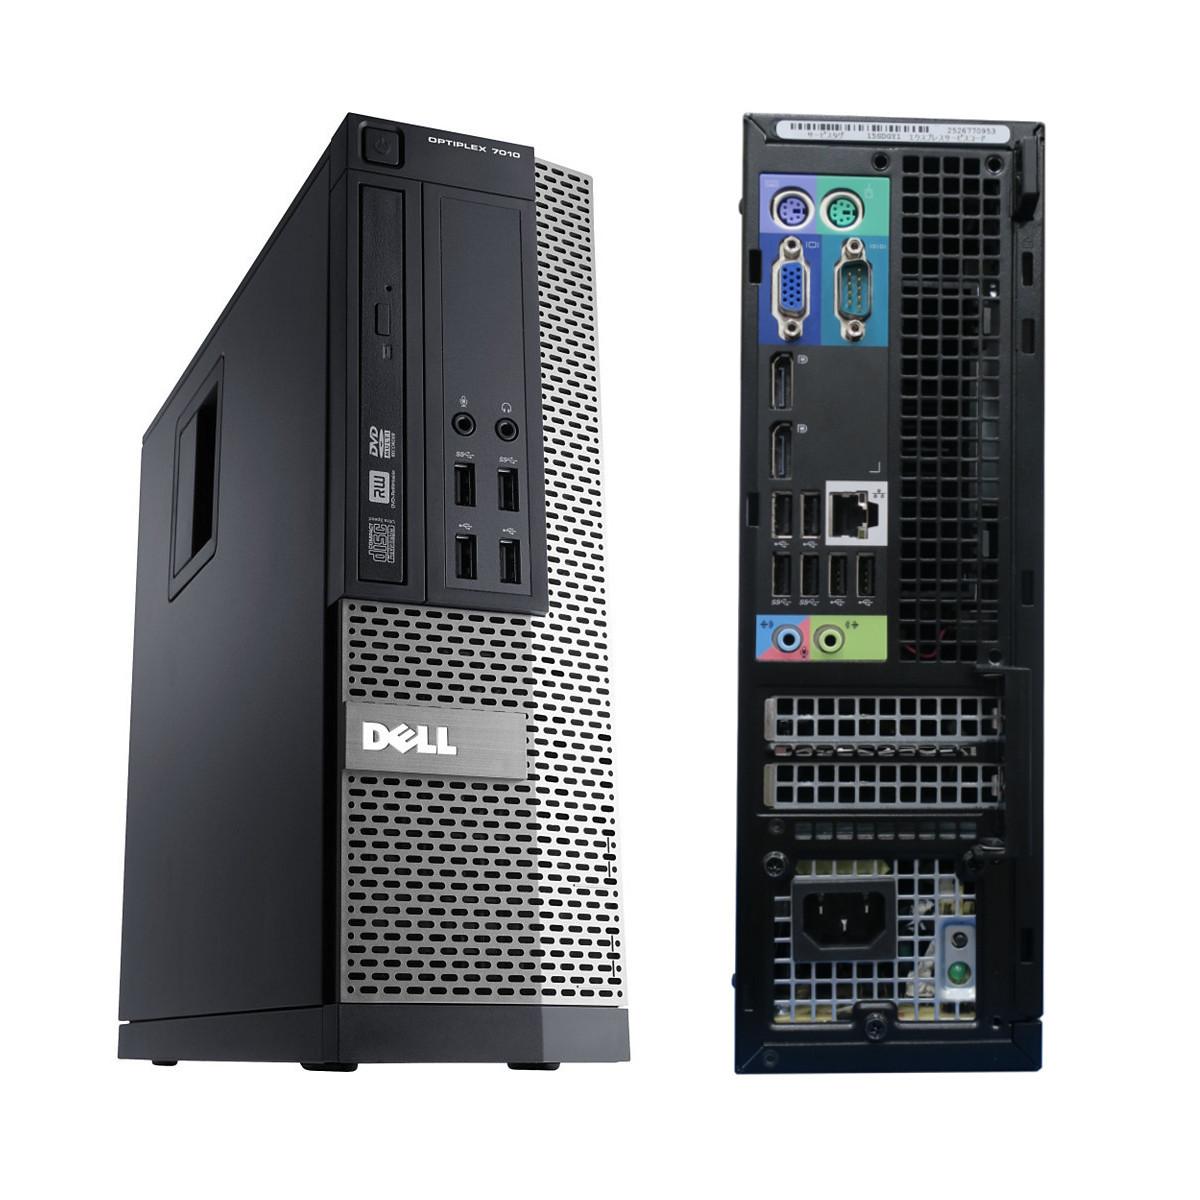 美品!【大人気DELLセット】Corei5・双刀流SSD256+HDD500・8GBメモリ・DVD・OFFICE2019・Win10・内蔵スピーカー・キーボードとマウス_画像2